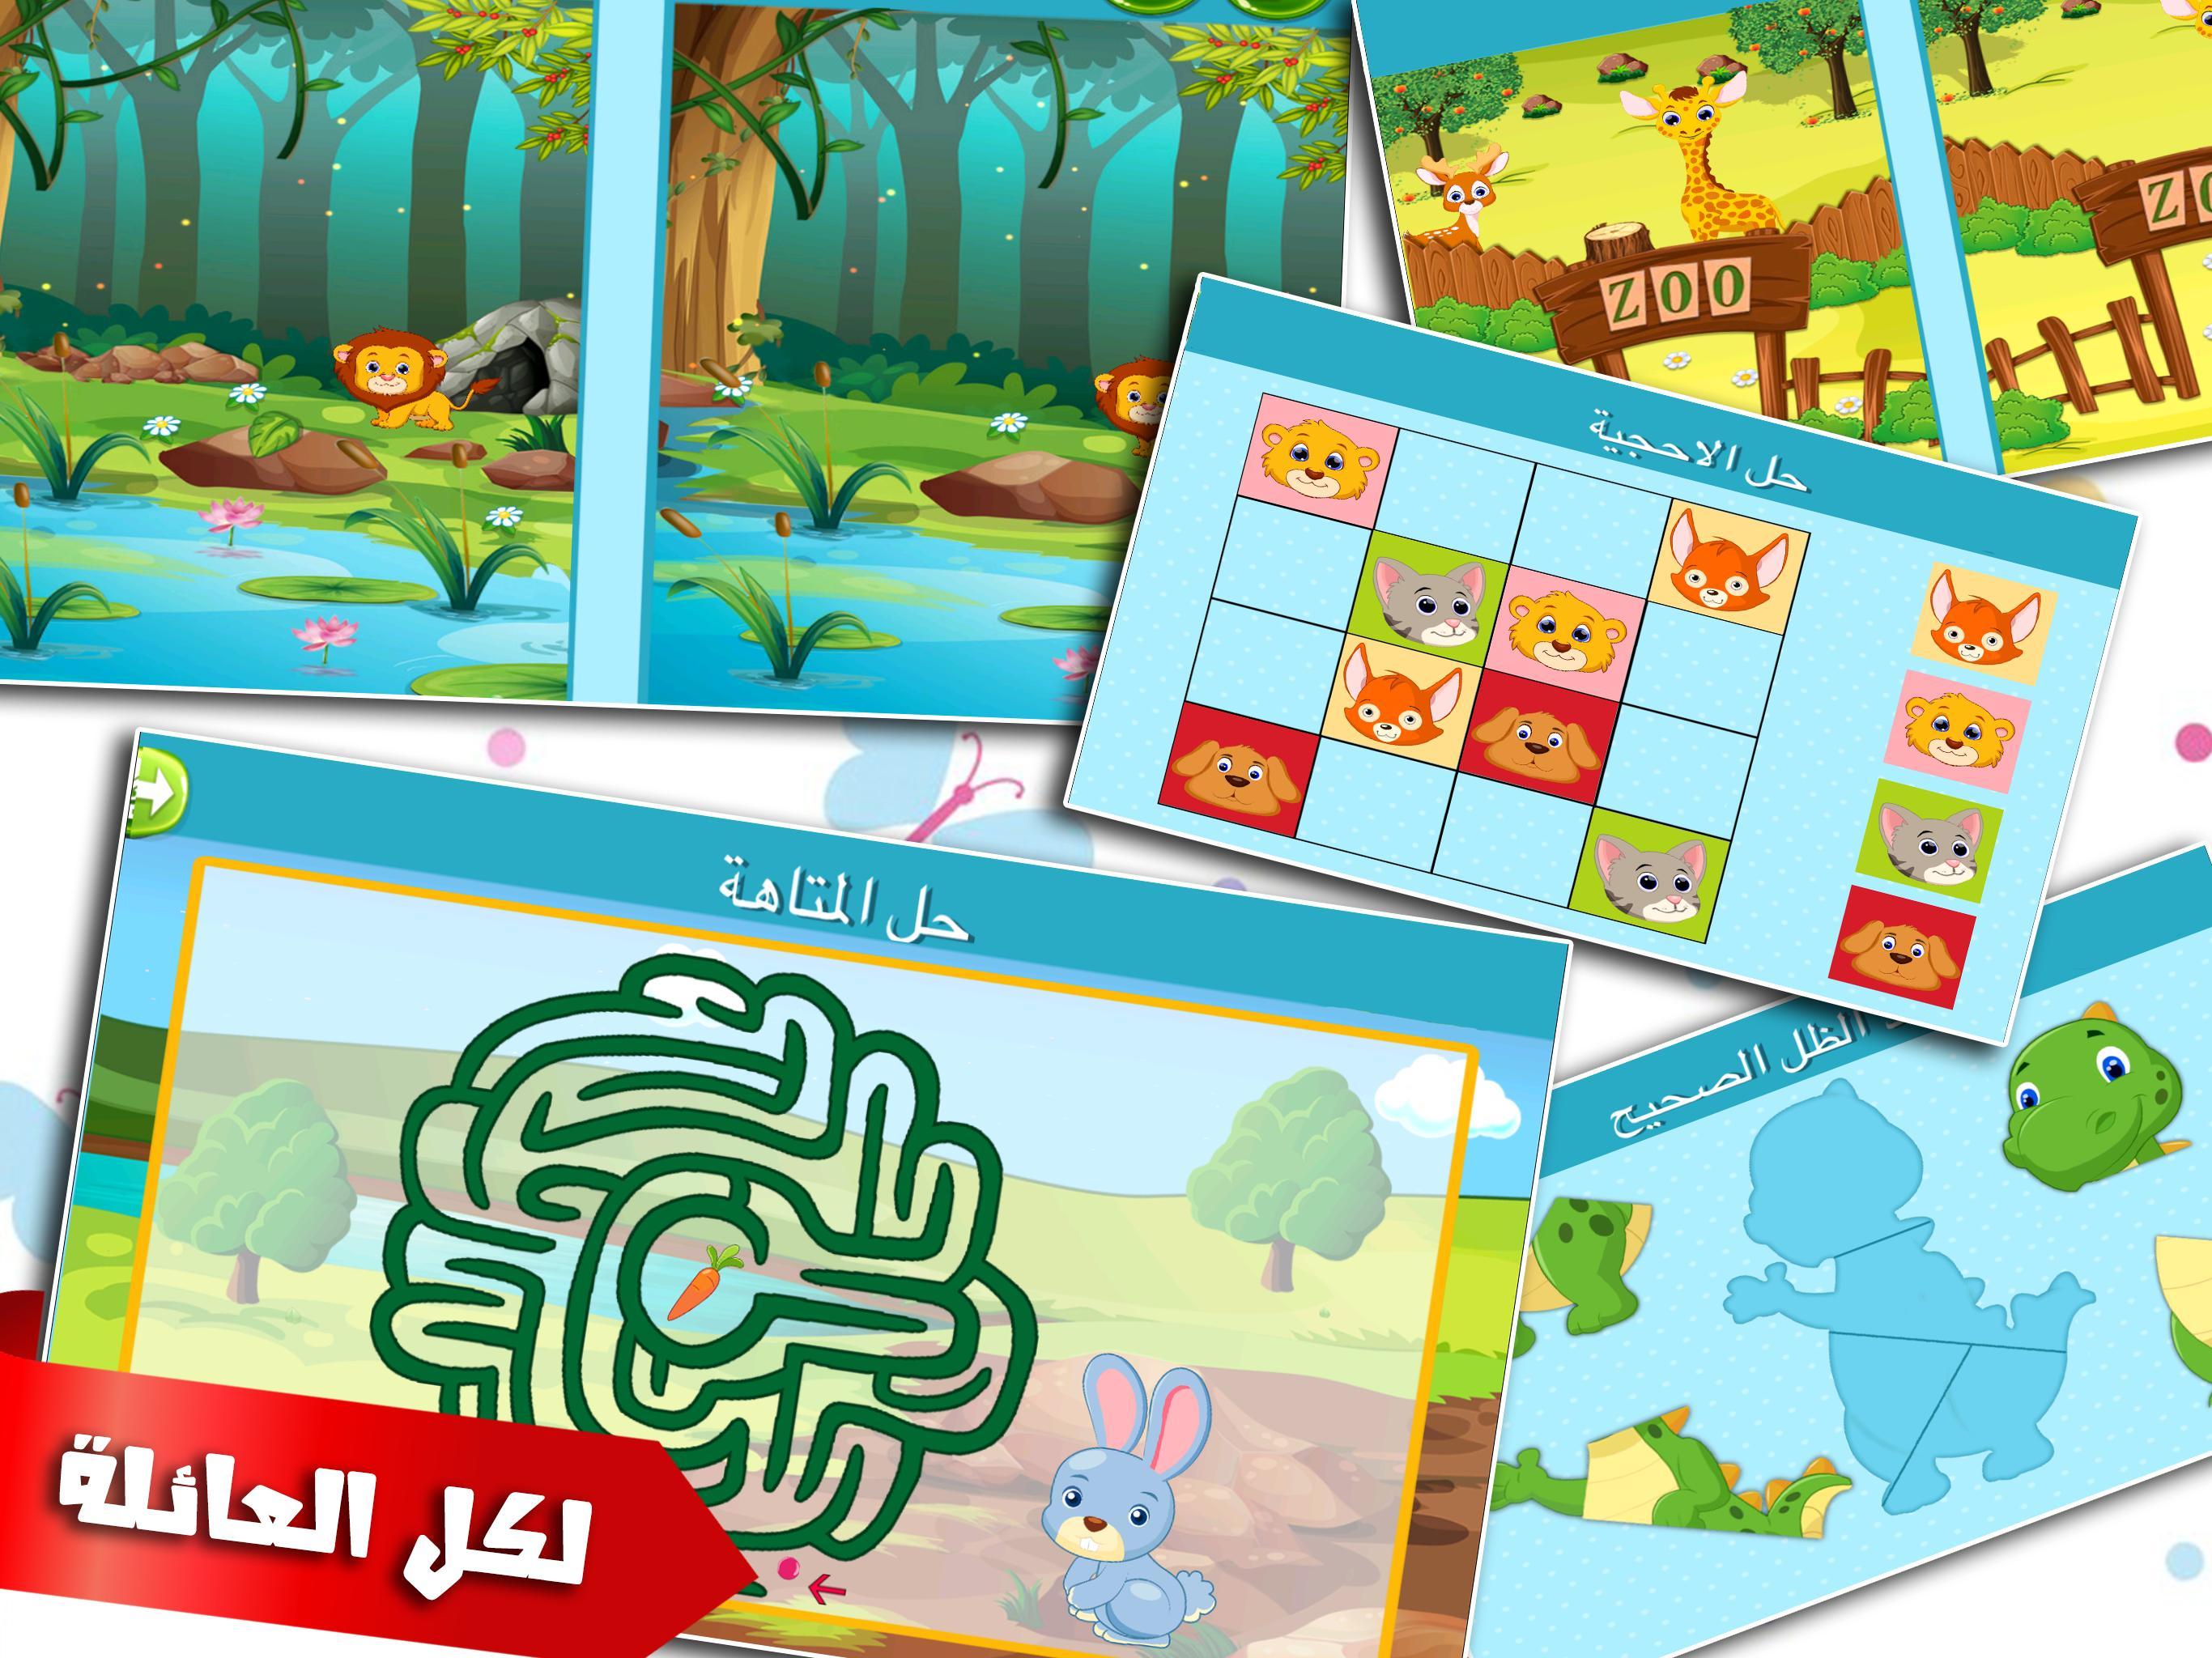 العاب ذكاء اطفال و بنات تعليمية التعليم و الذكاء 1.0.1 Screenshot 13